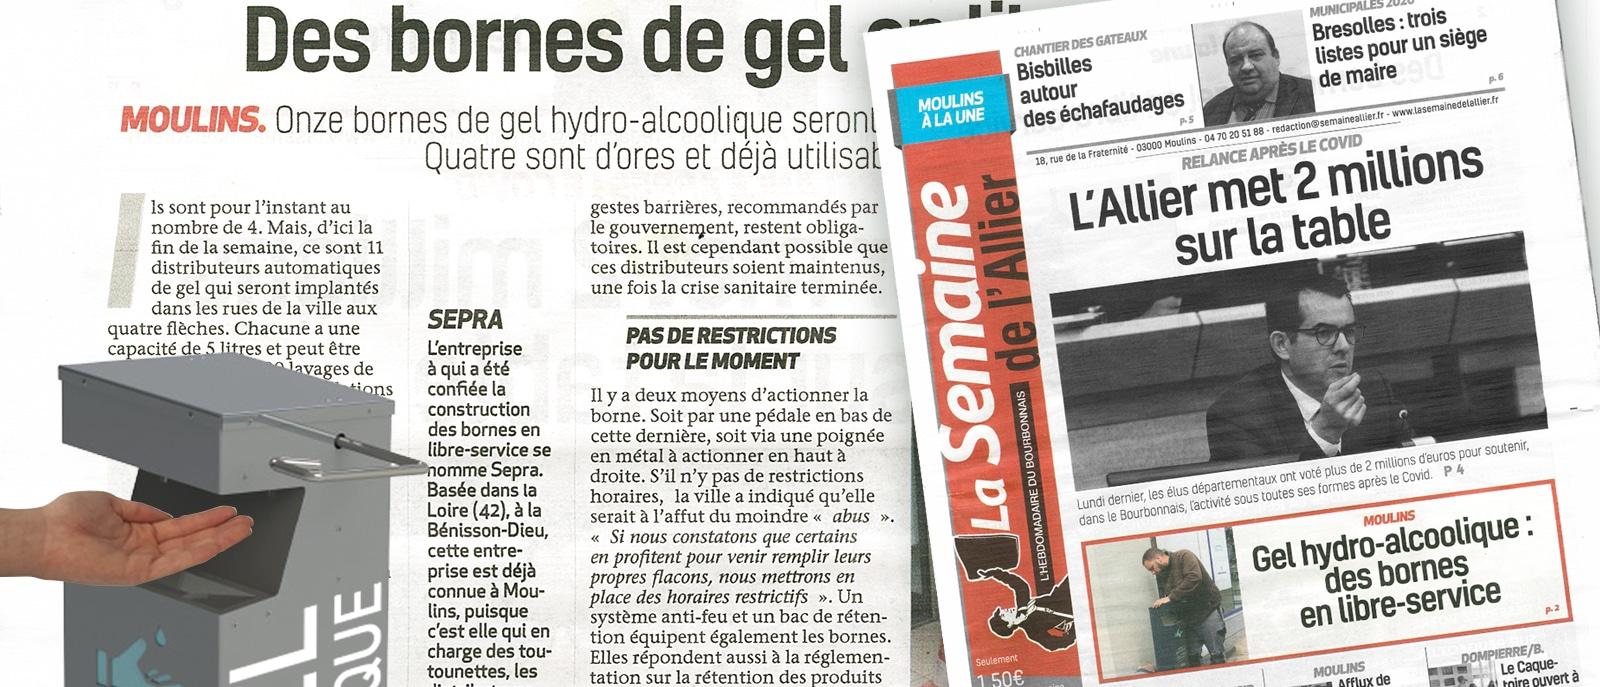 Hebdomadaire - juin 2020 - La Semaine de l'Allier : présente nos bornes distributrices de gel hydroalcoolique.